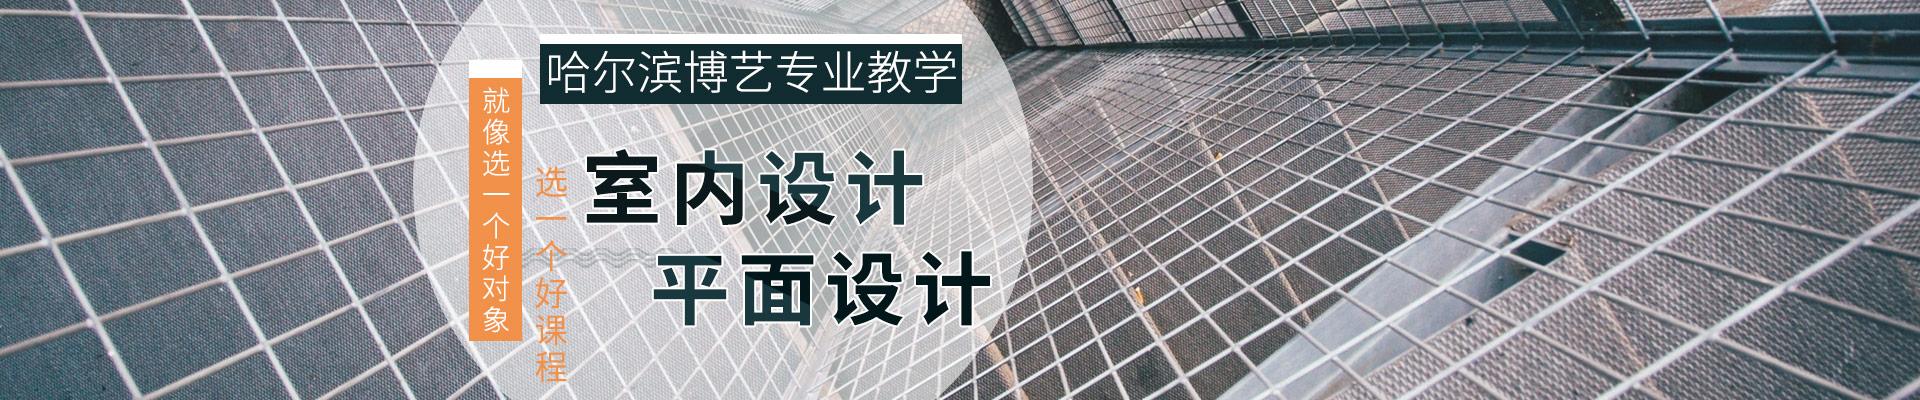 哈尔滨博艺职业技能培训学校